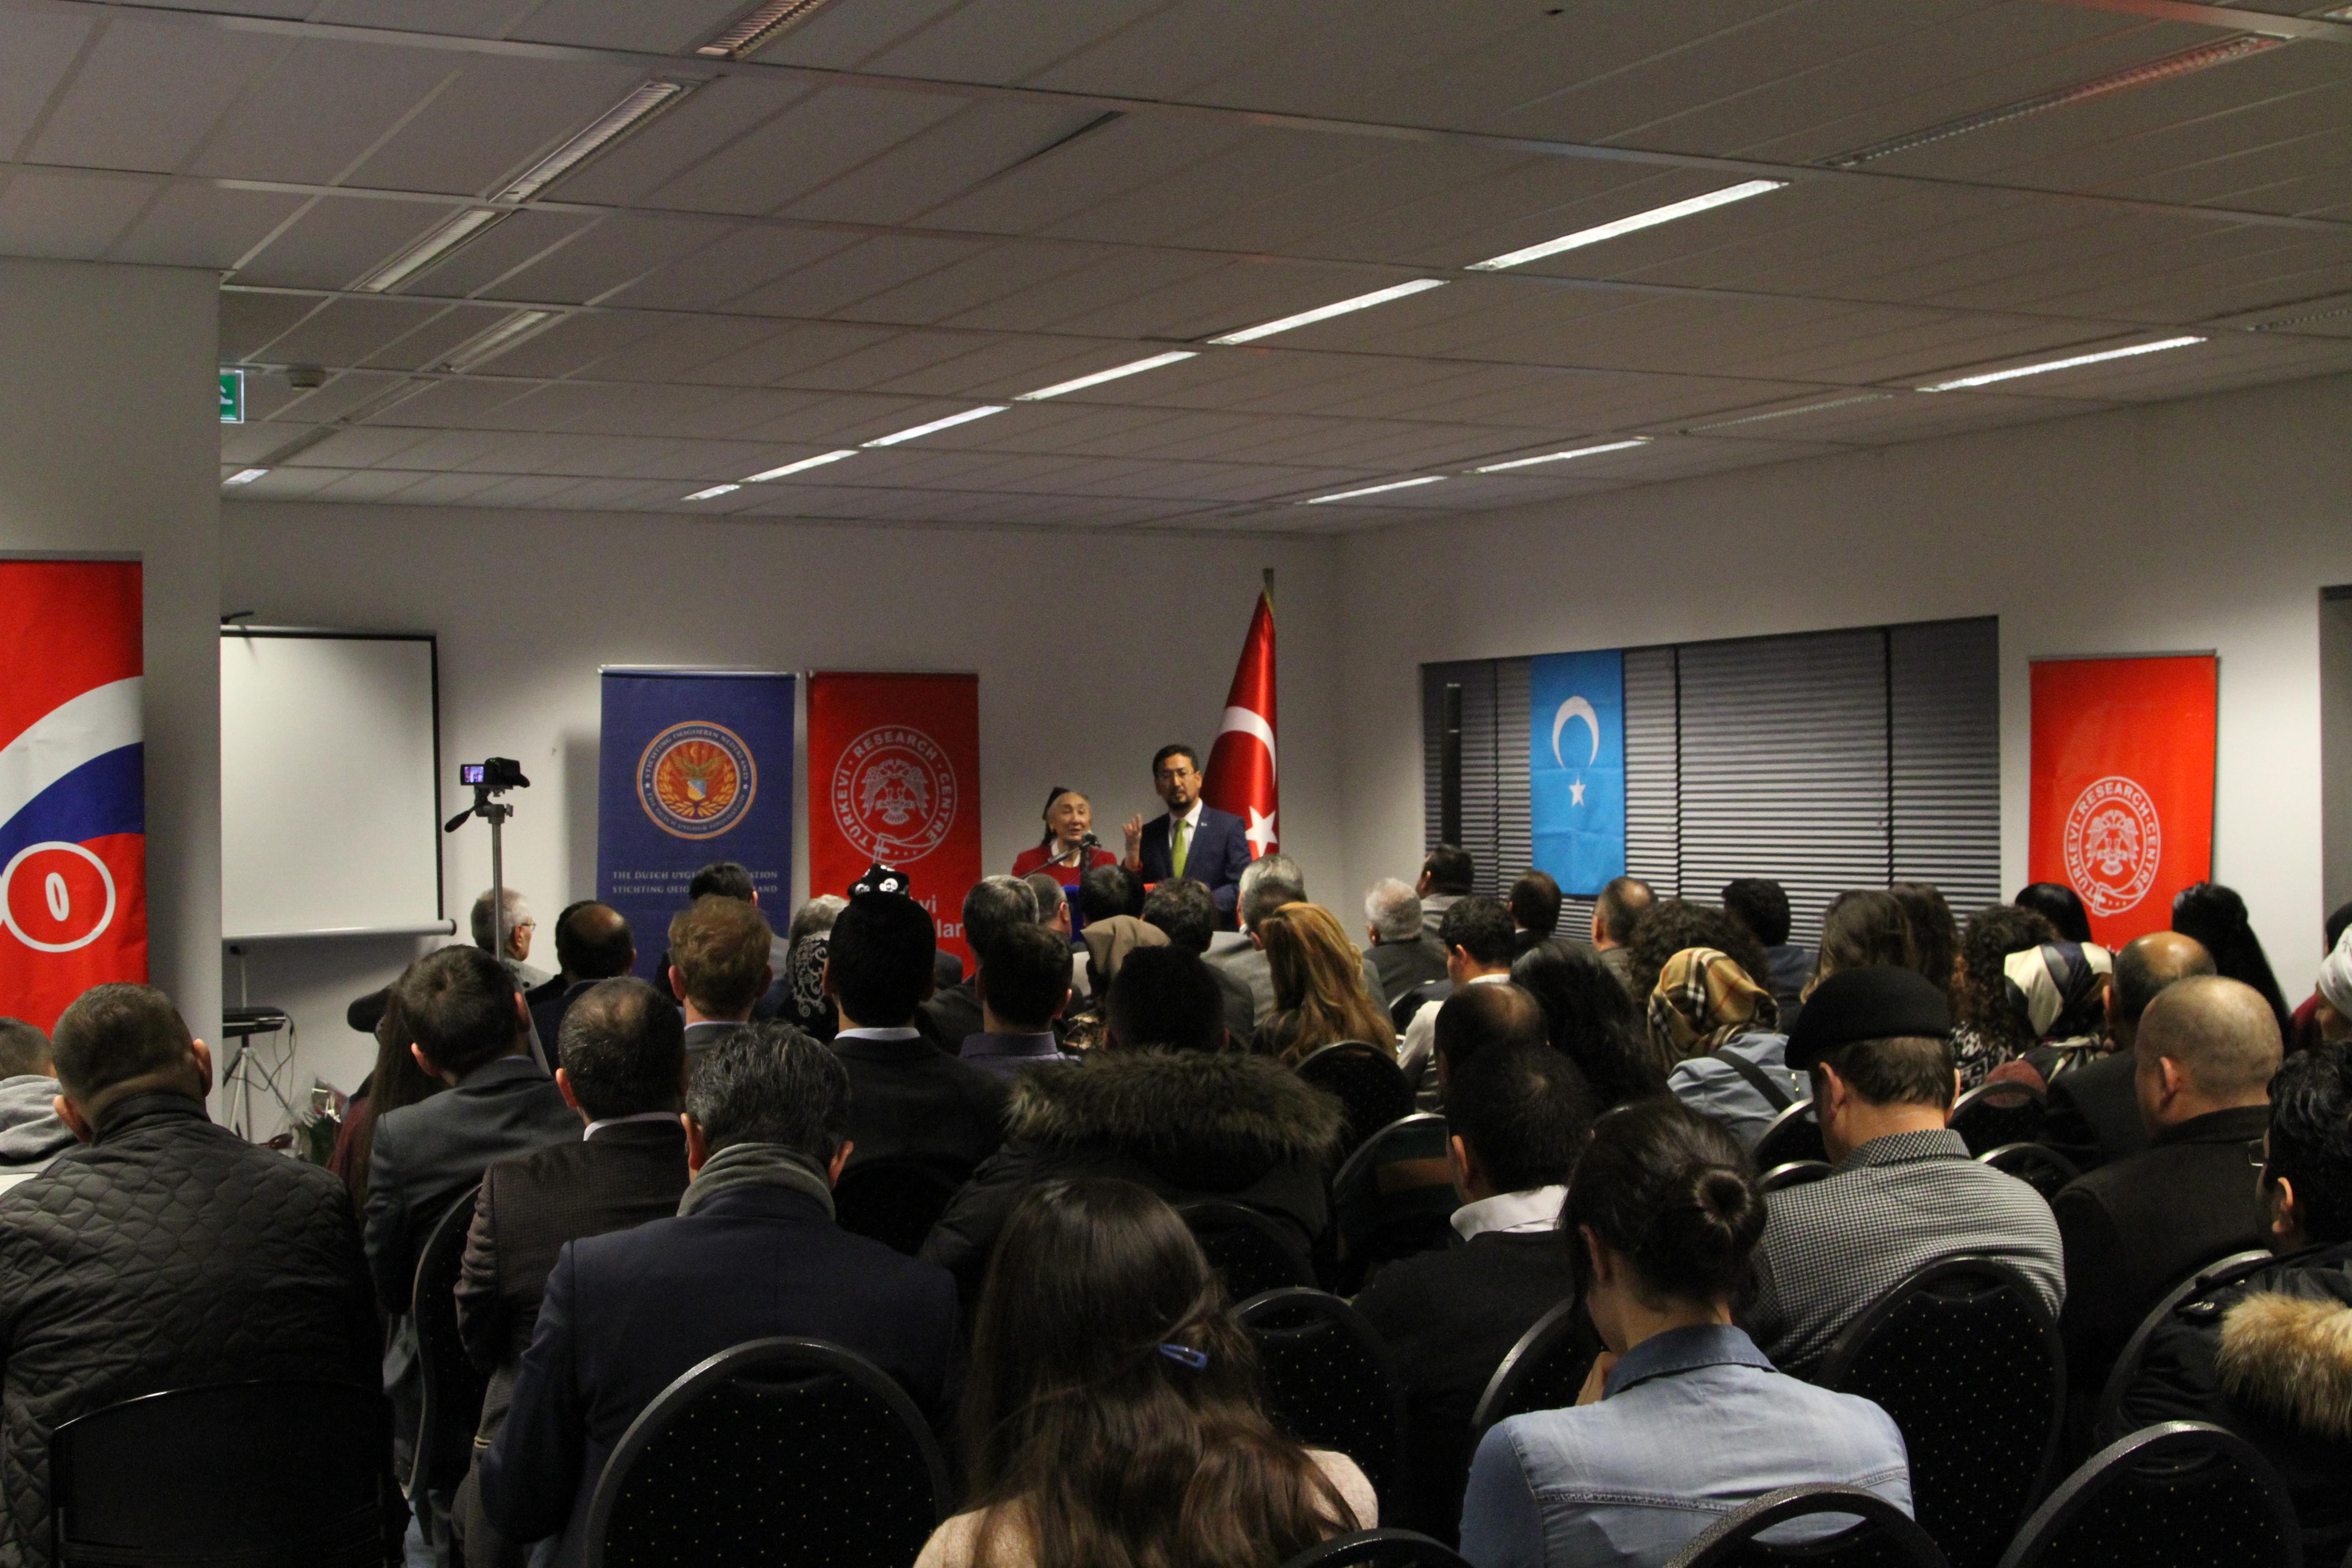 Amsterdam'da Uygur lider Rabia Kadir için Sürgünde 10. Yıl Anma Programı Yapıldı